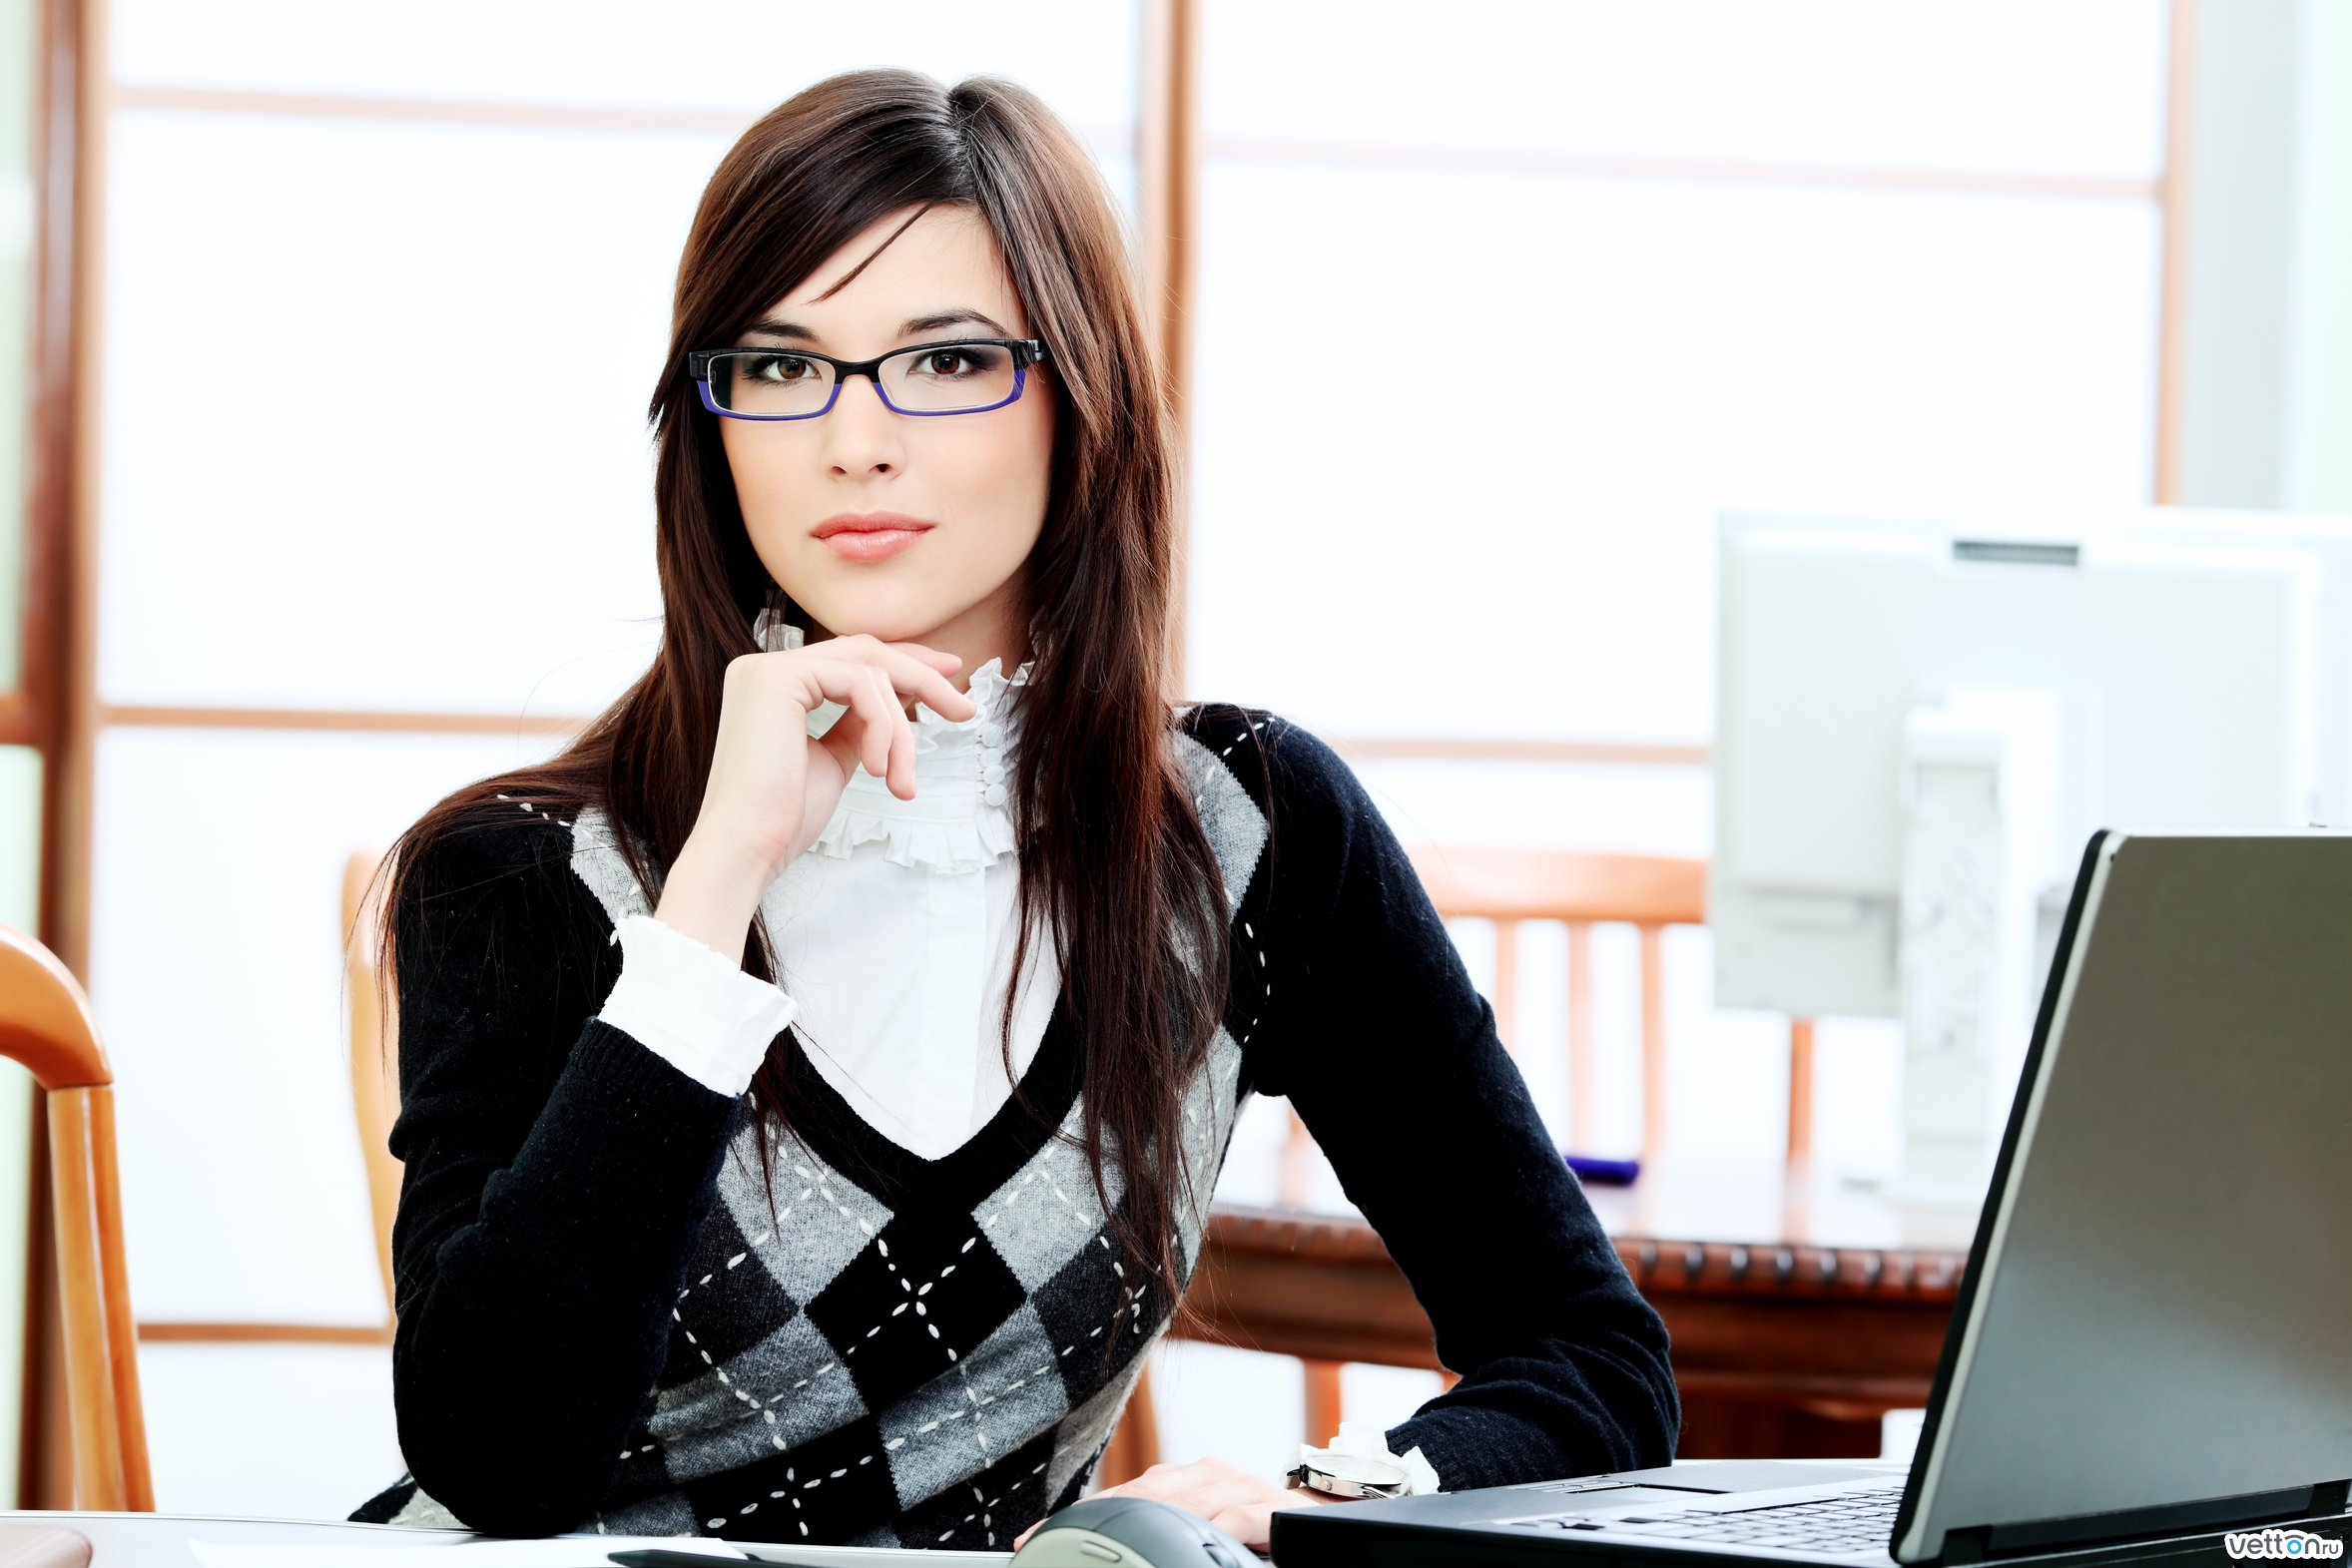 Фото бизнес леди с дипломатом 3 фотография